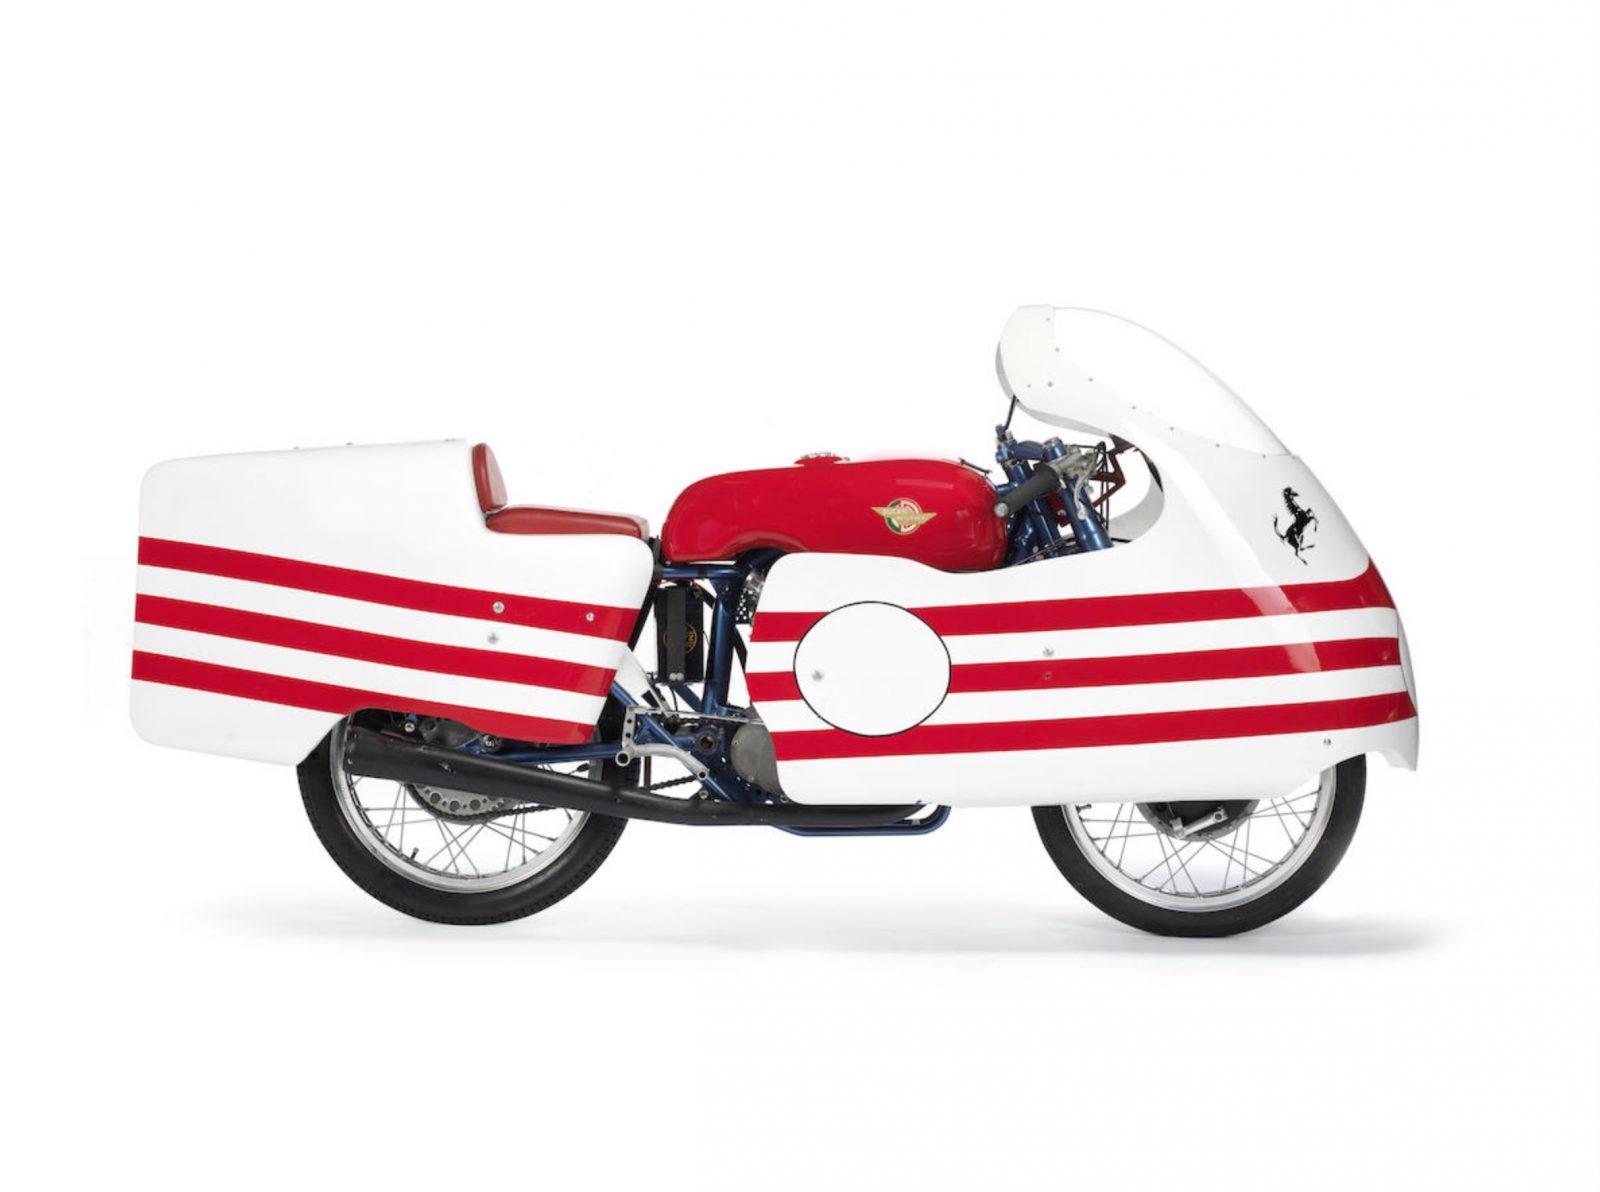 Ducati Trialbero Desmodromic Racing Motorcycle 1600x1192 - The First Desmodromic Ducati - The Trialbero Racer